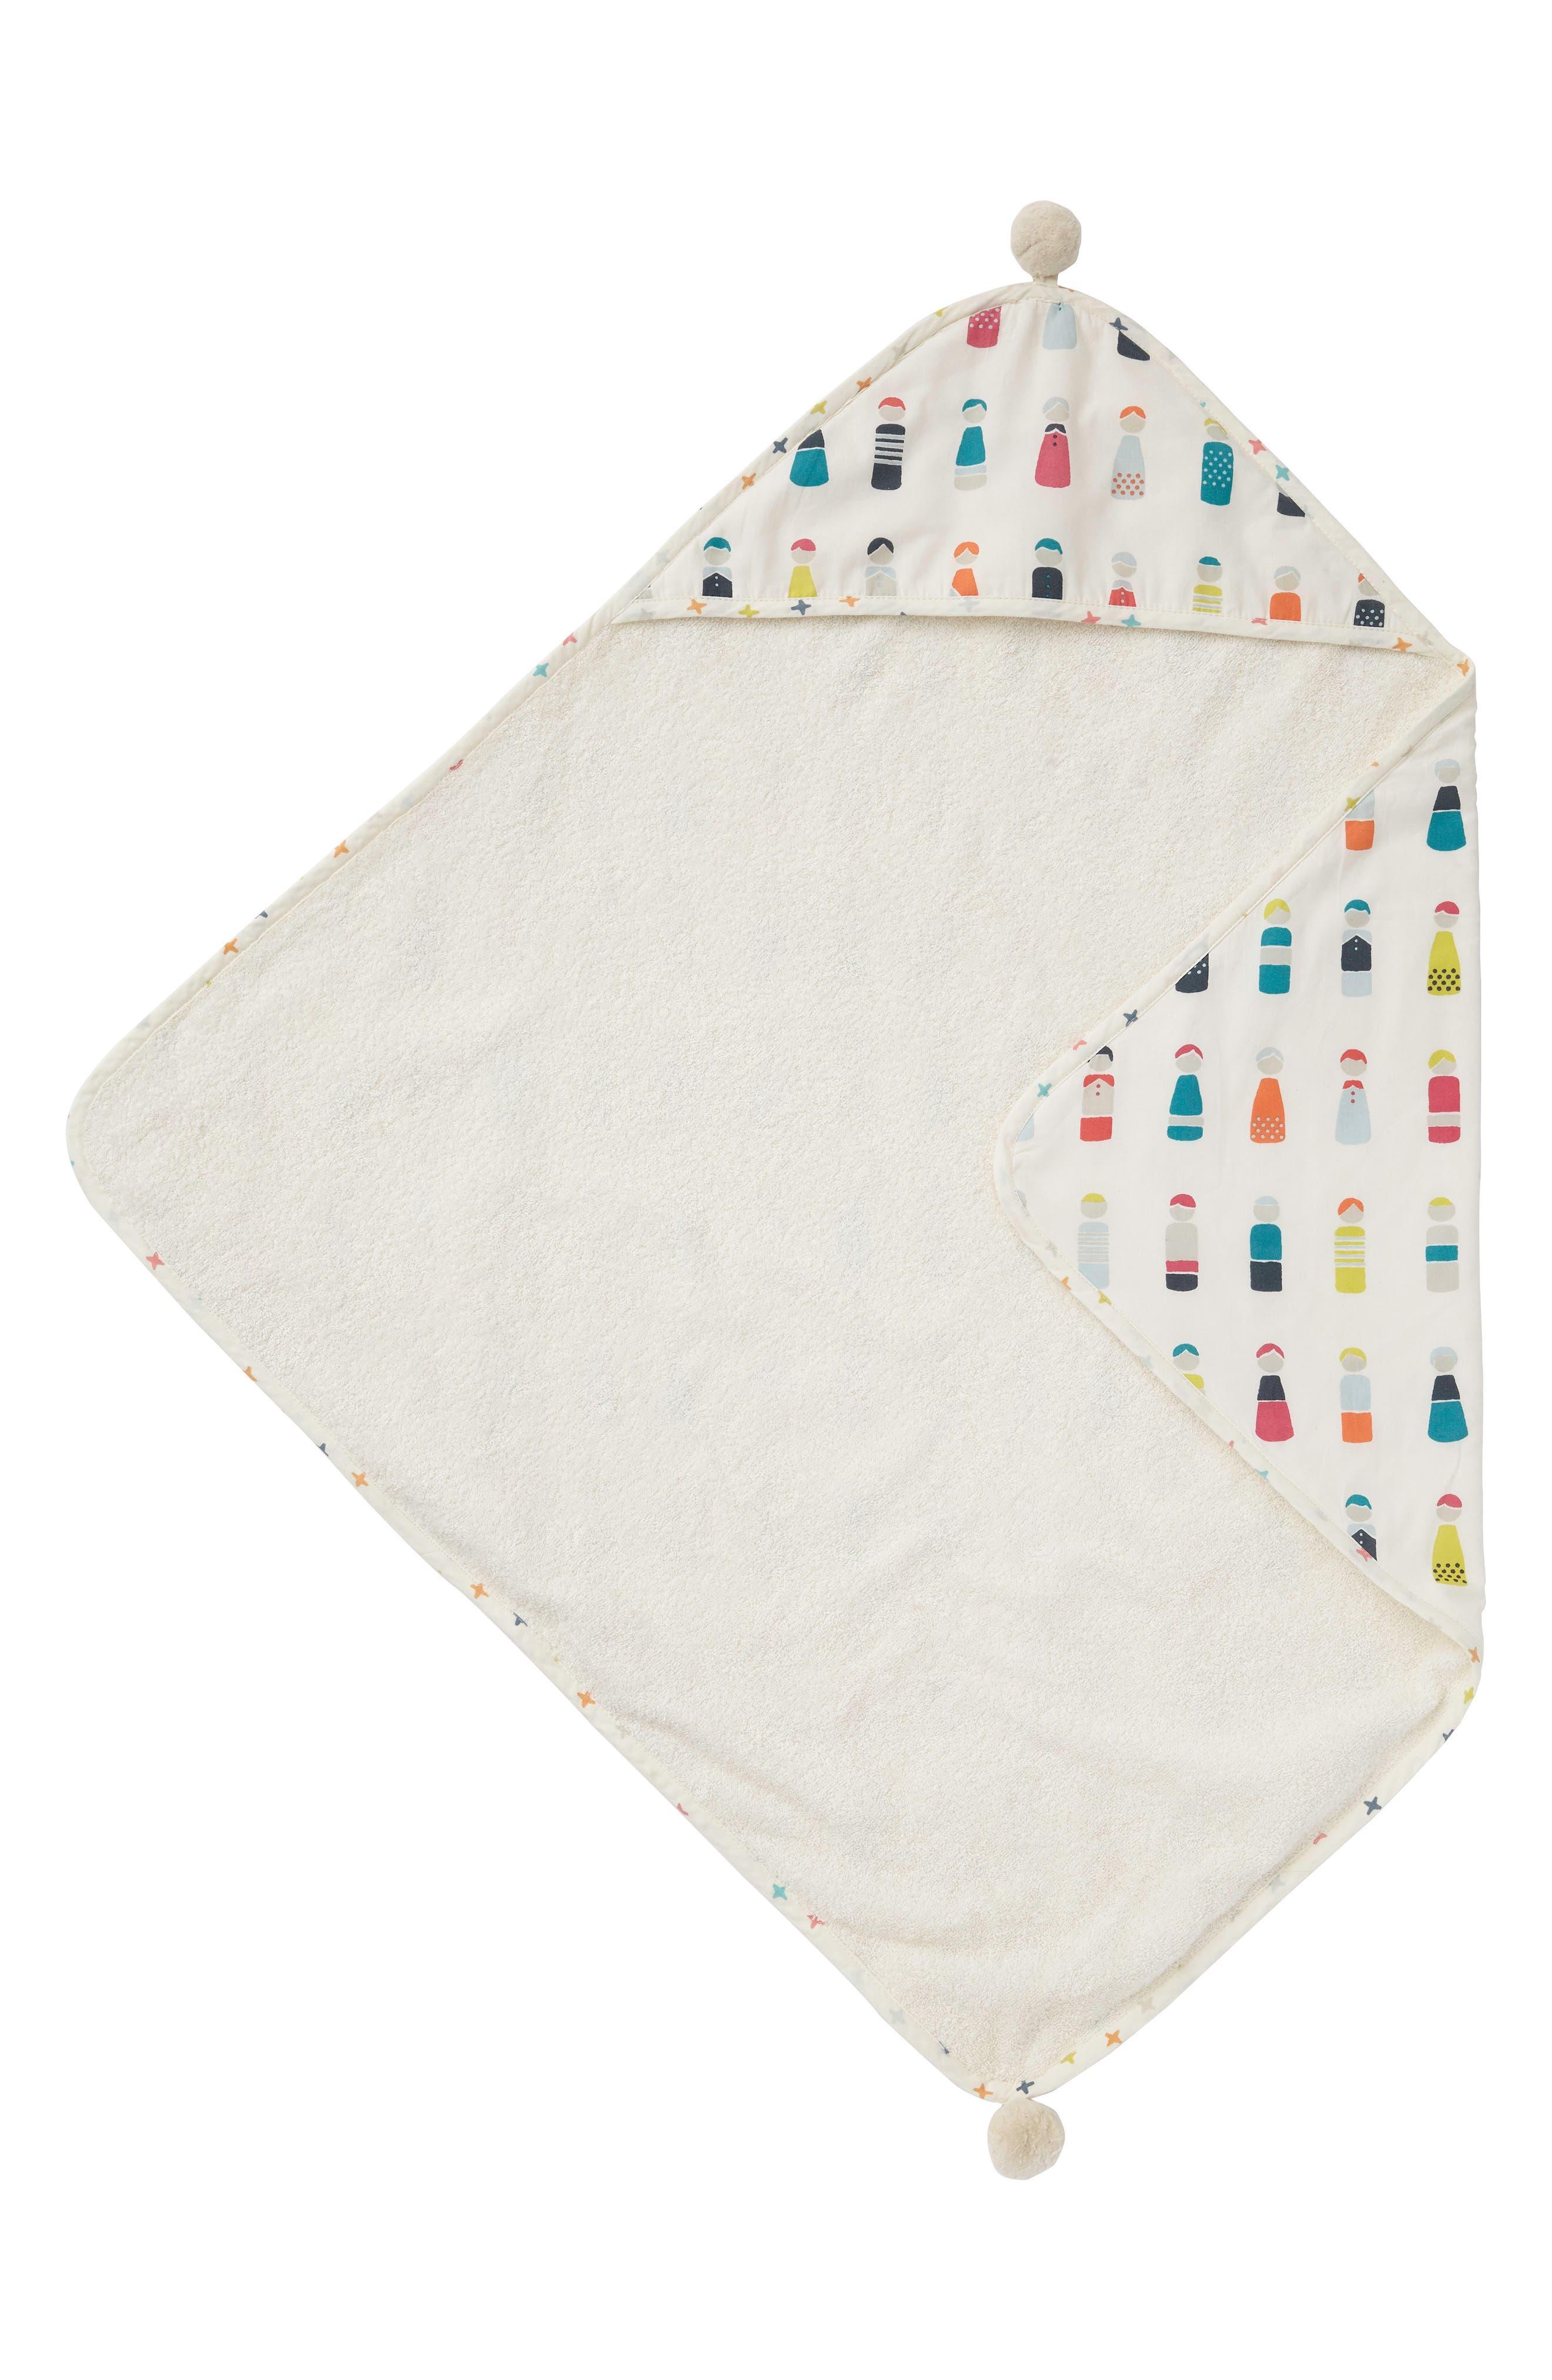 Little Peeps Print Hooded Towel,                             Main thumbnail 1, color,                             100